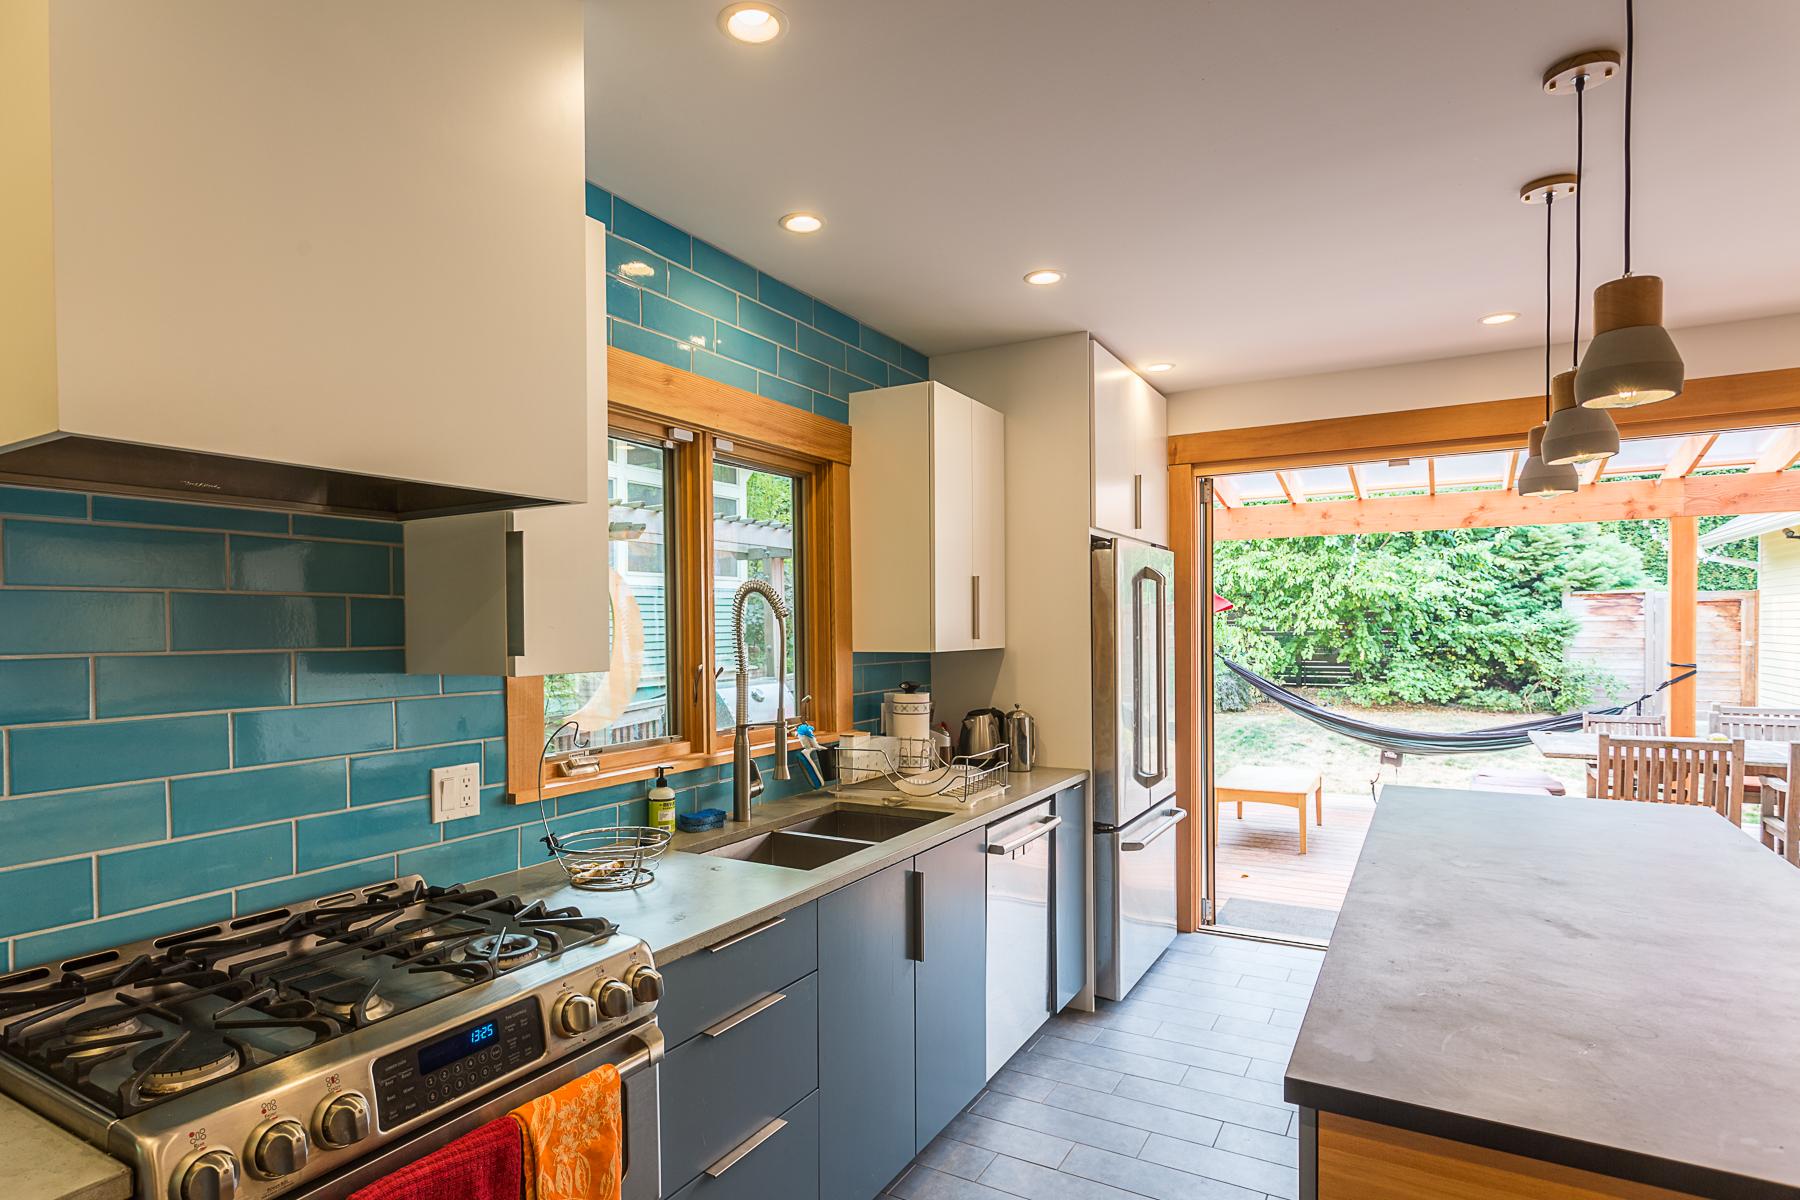 Harka Architecture_Stevens Home Remodel (4).jpg